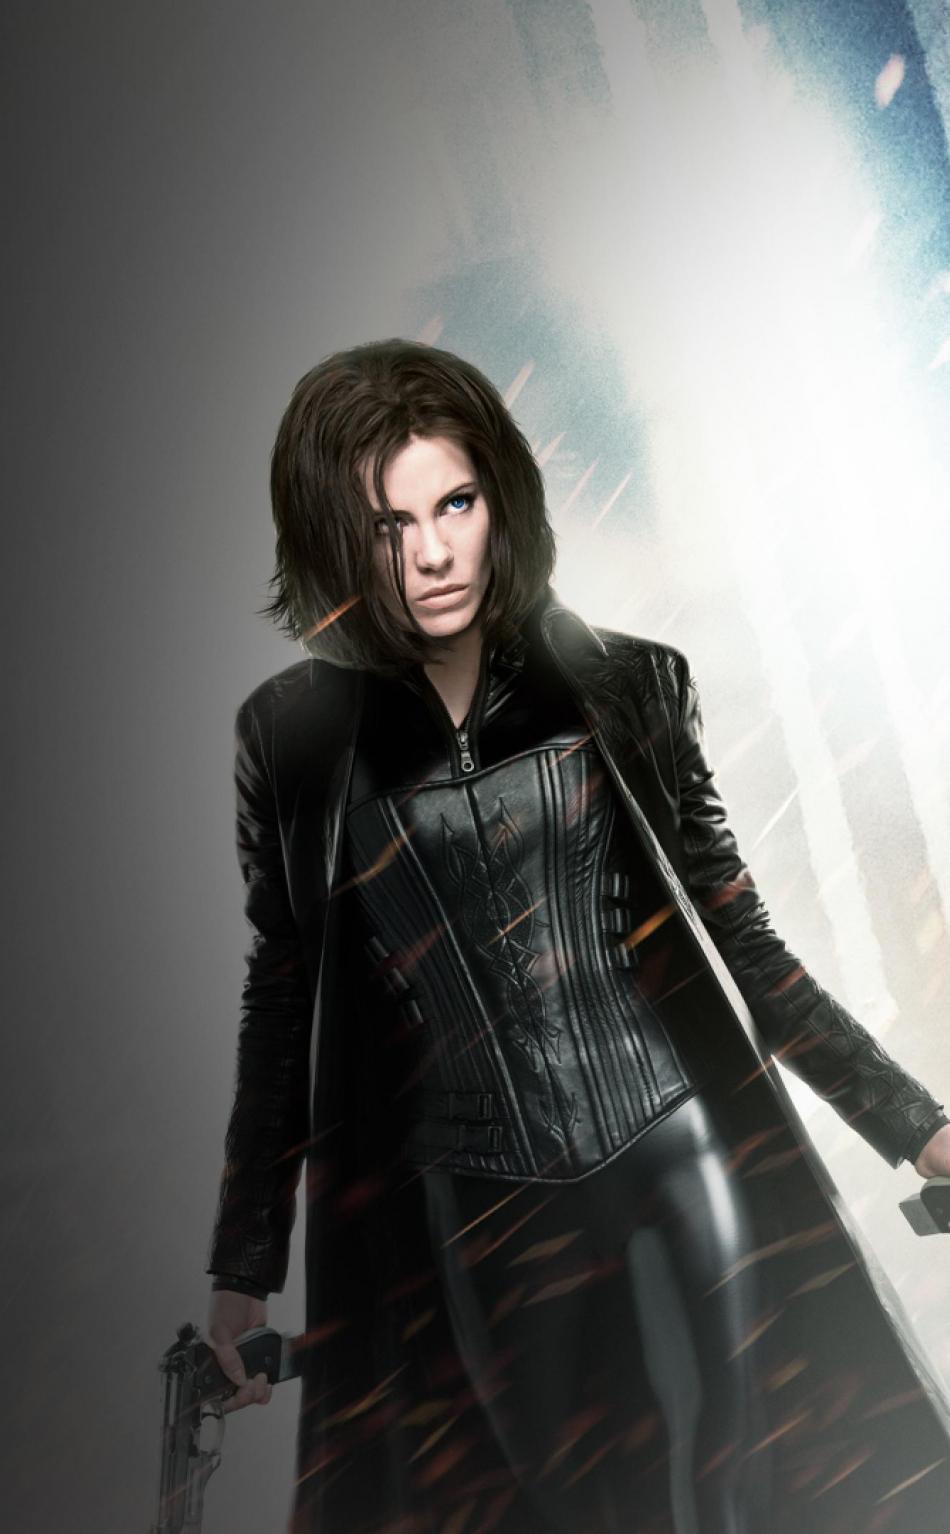 Vampire, Kate Beckinsale, Underworld, movie, 950x1534 wallpaper